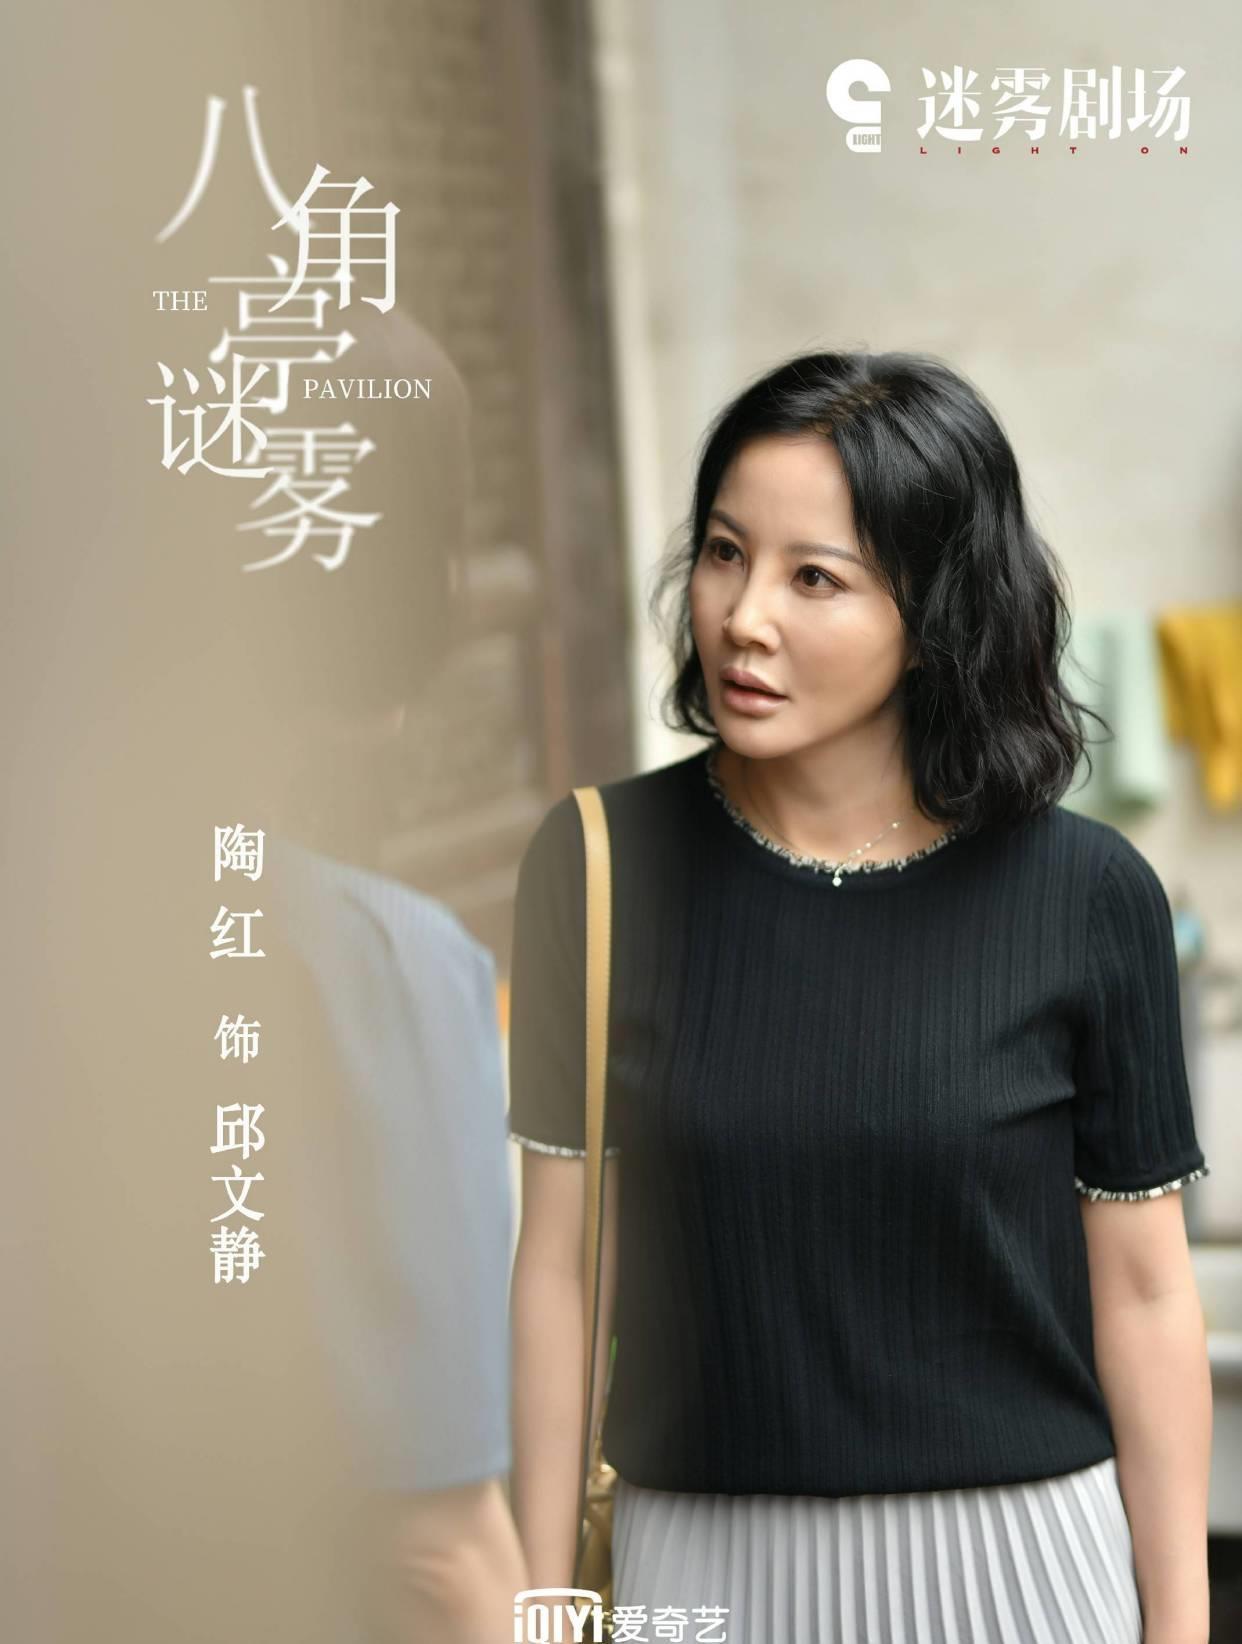 迷雾剧场《八角亭谜雾》开播 陶红与导演王小帅首次合作